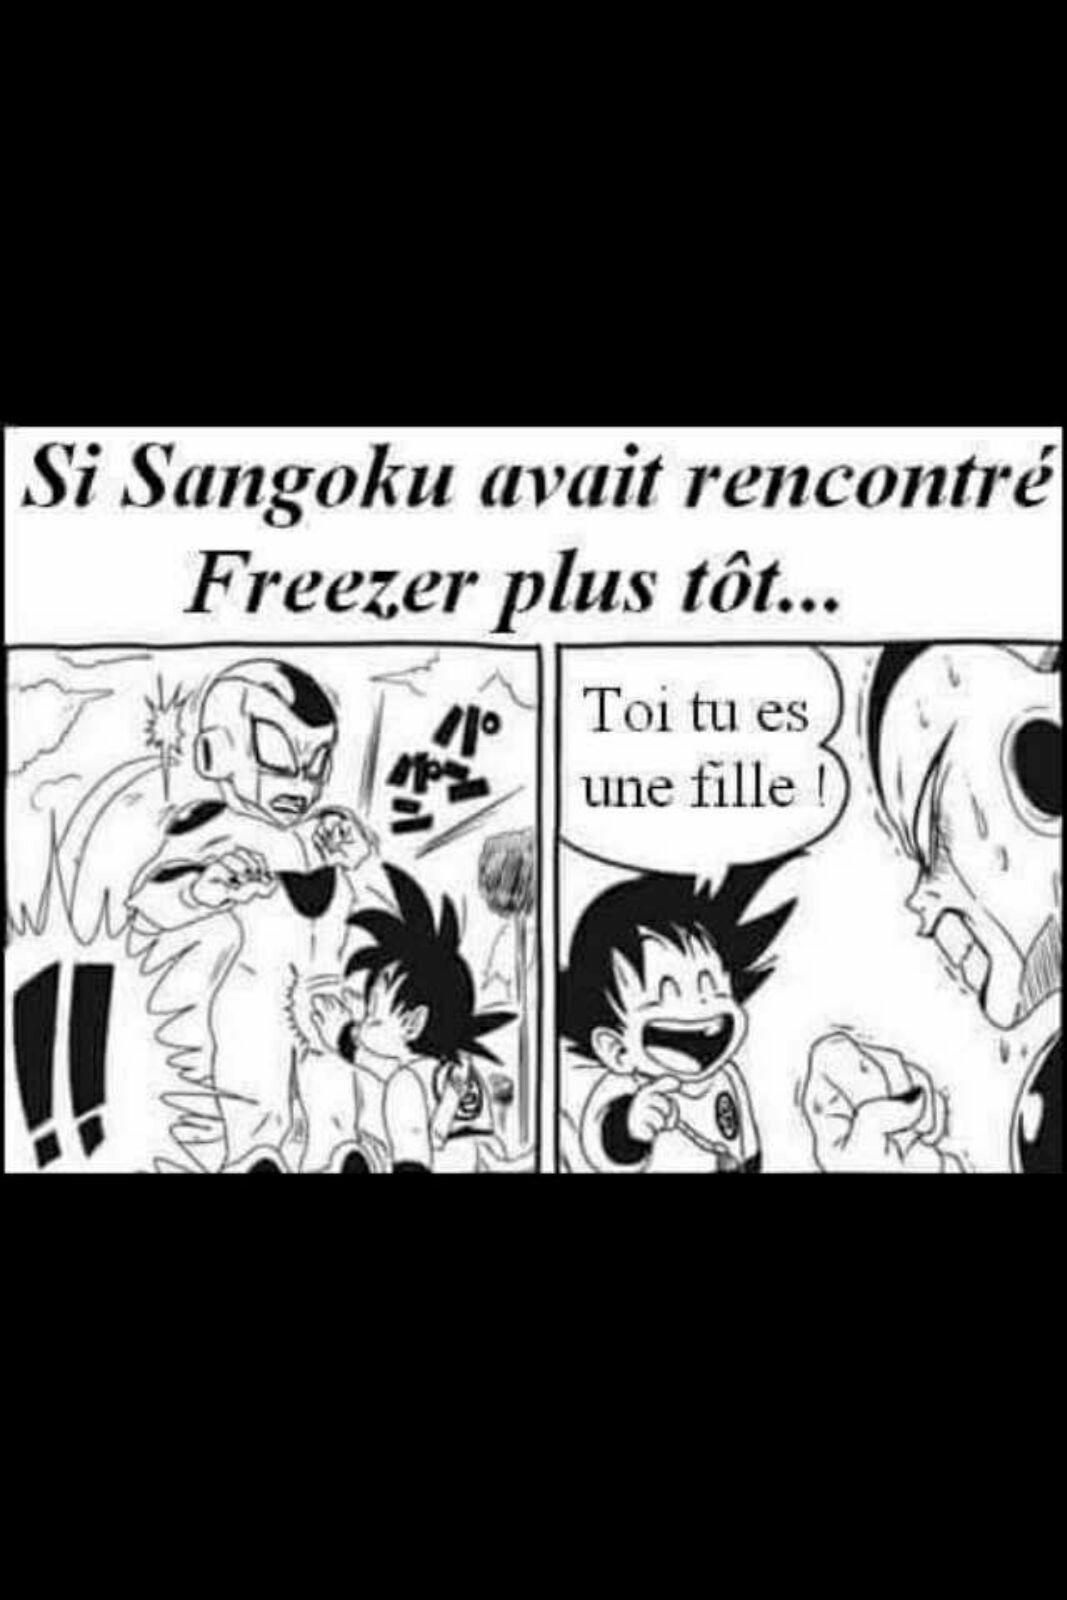 Goku touchait l'entrejambe des gens pour savoir de quel genre ils étaient - meme